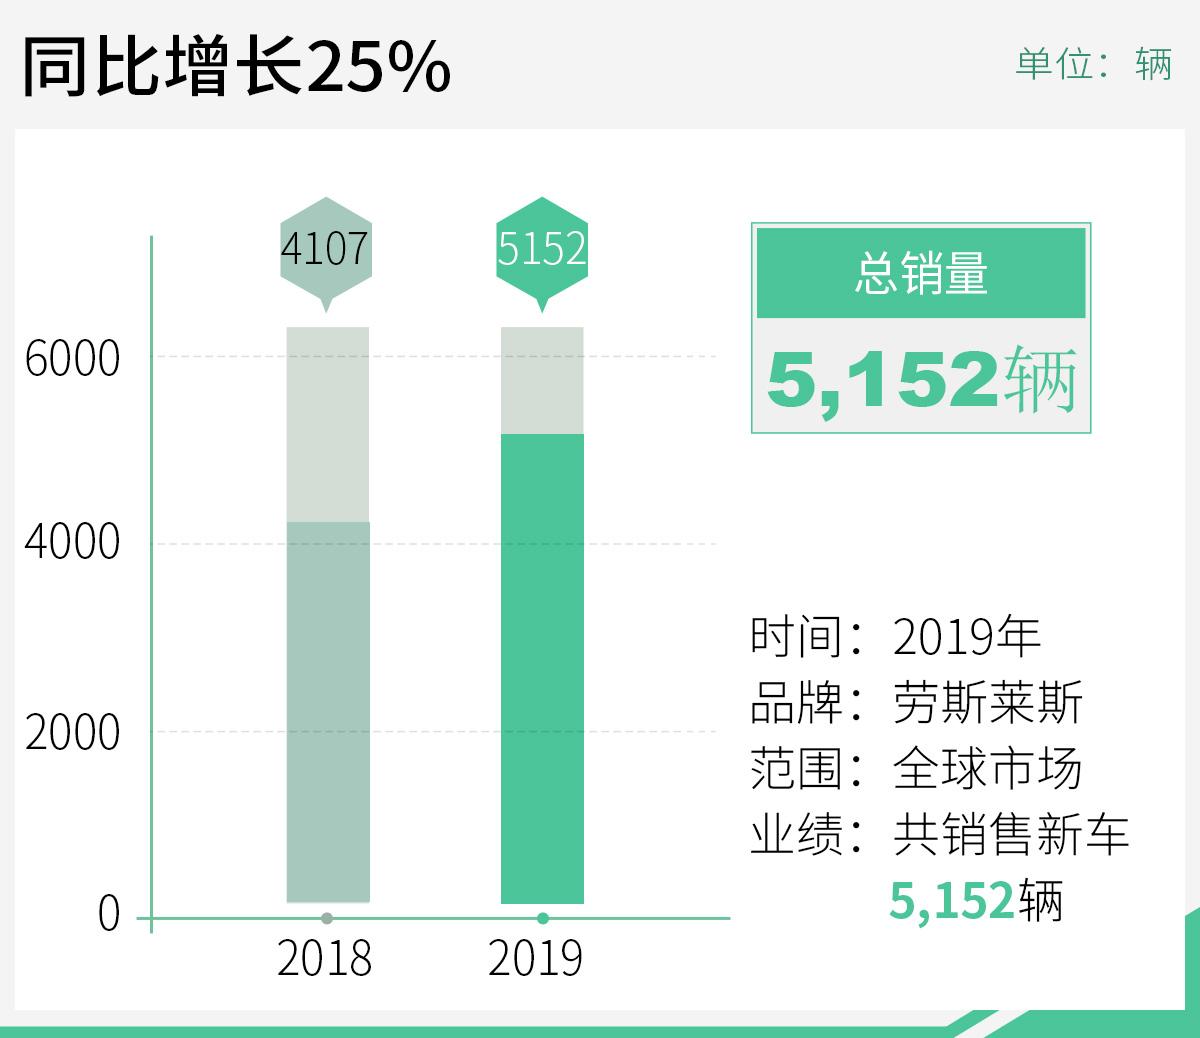 劳斯莱斯2019年累销5152辆 同比增长25%